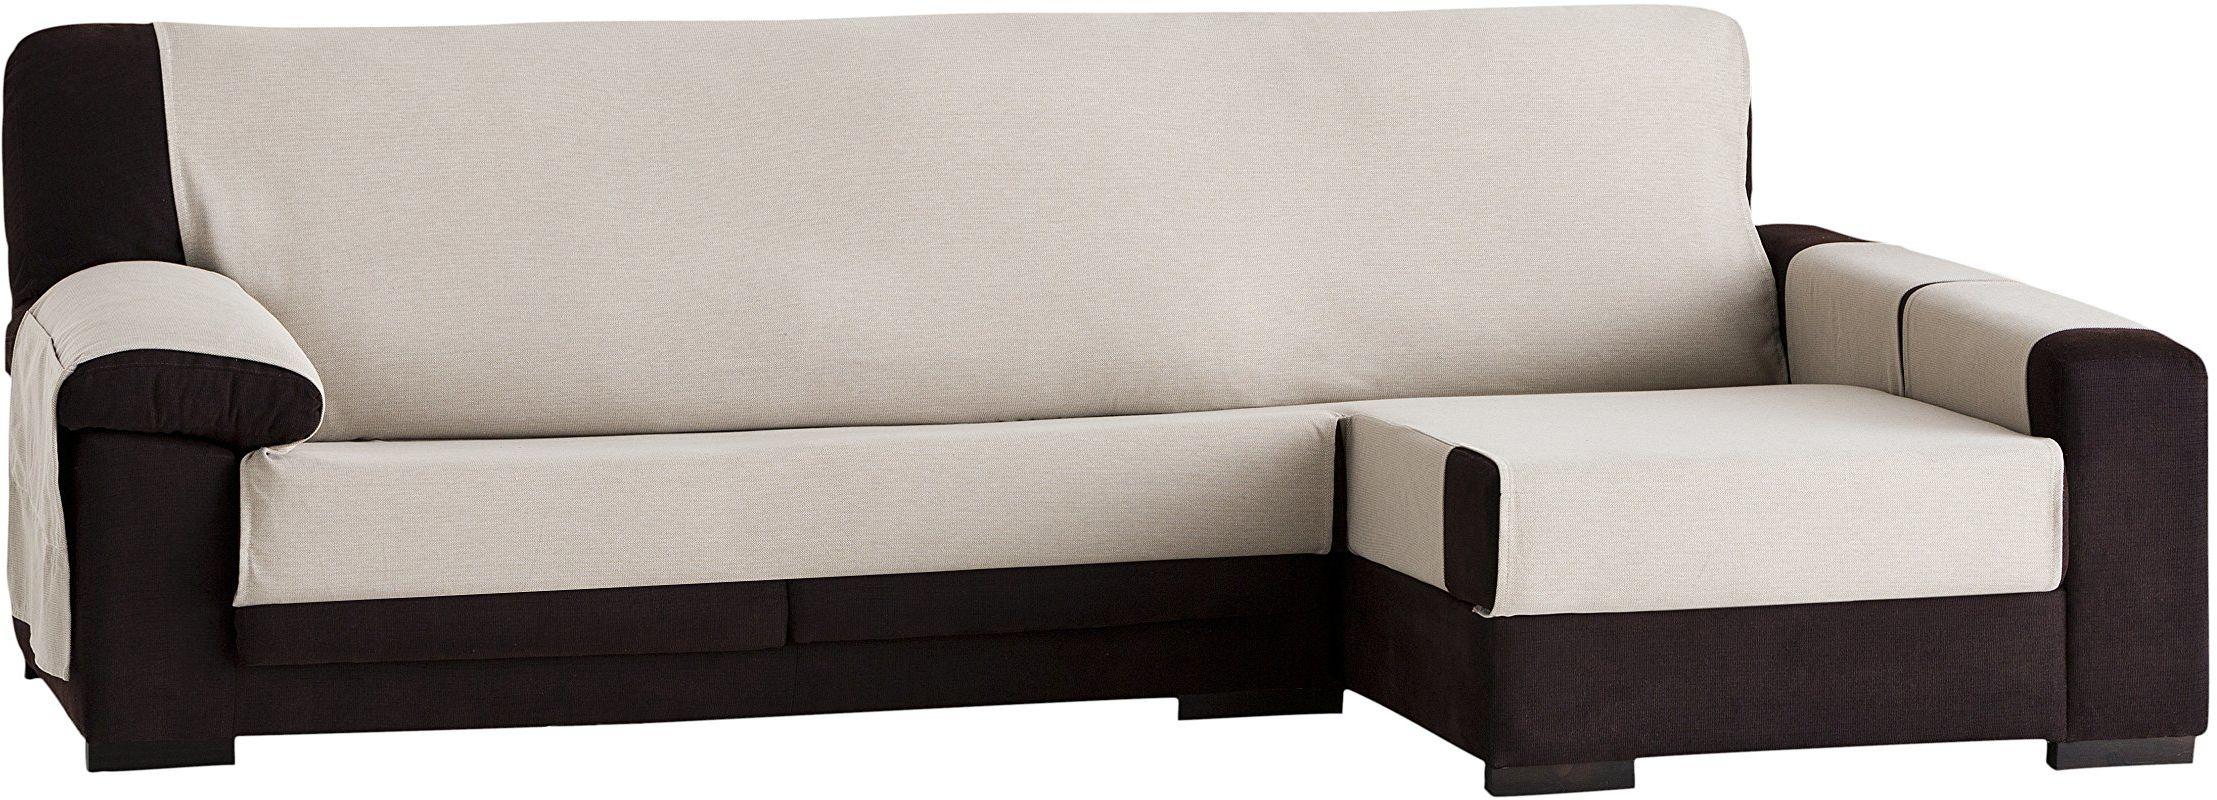 Eysa Constanza nieelastyczna narzuta na sofę, szezlongue, 290 cm, z przodu, bawełna, 01-len, 37 x 9 x 29 cm